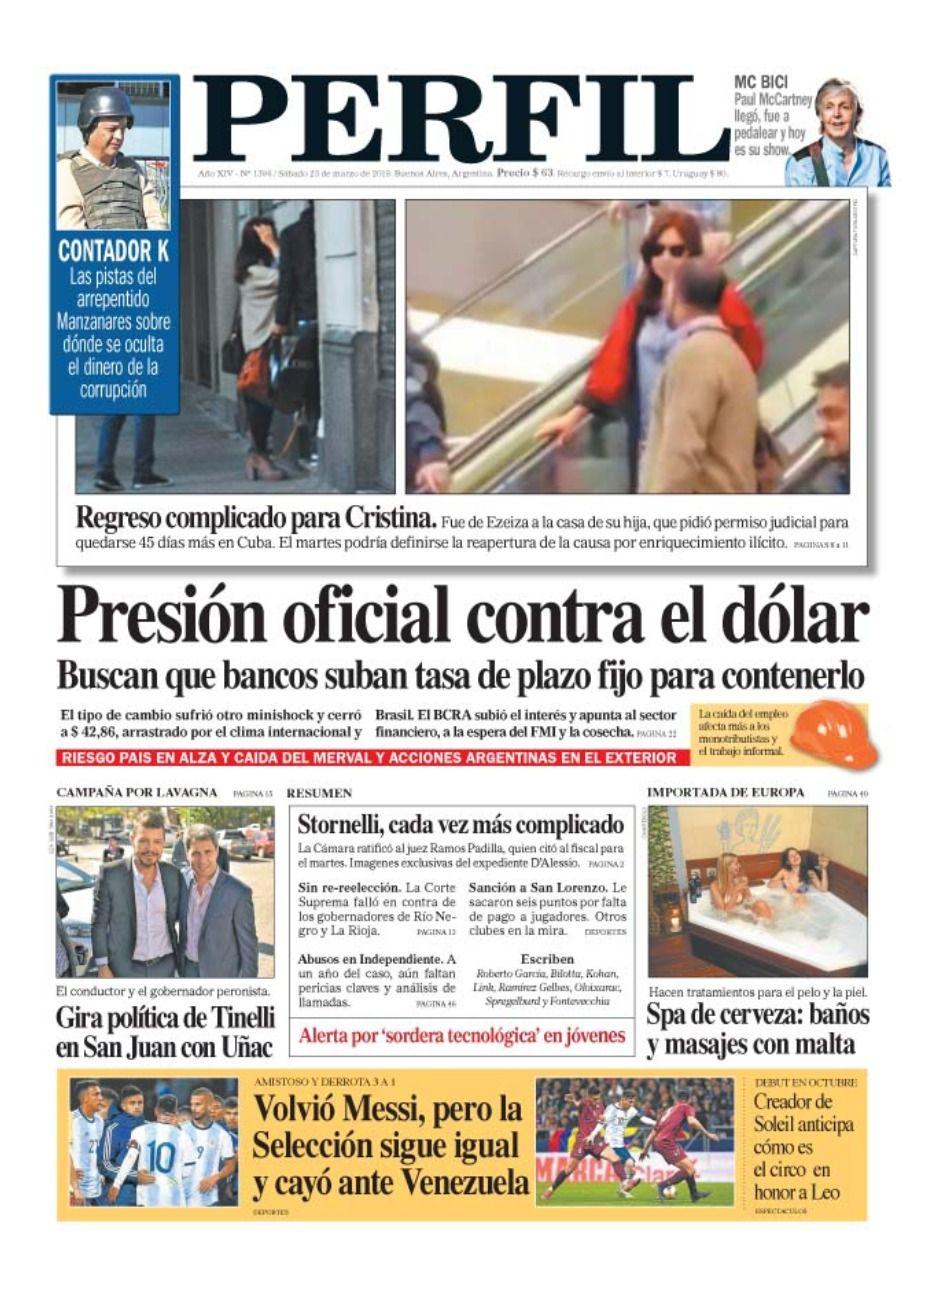 La tapa de diario PERFIL del sábado 23 de marzo de 2019.